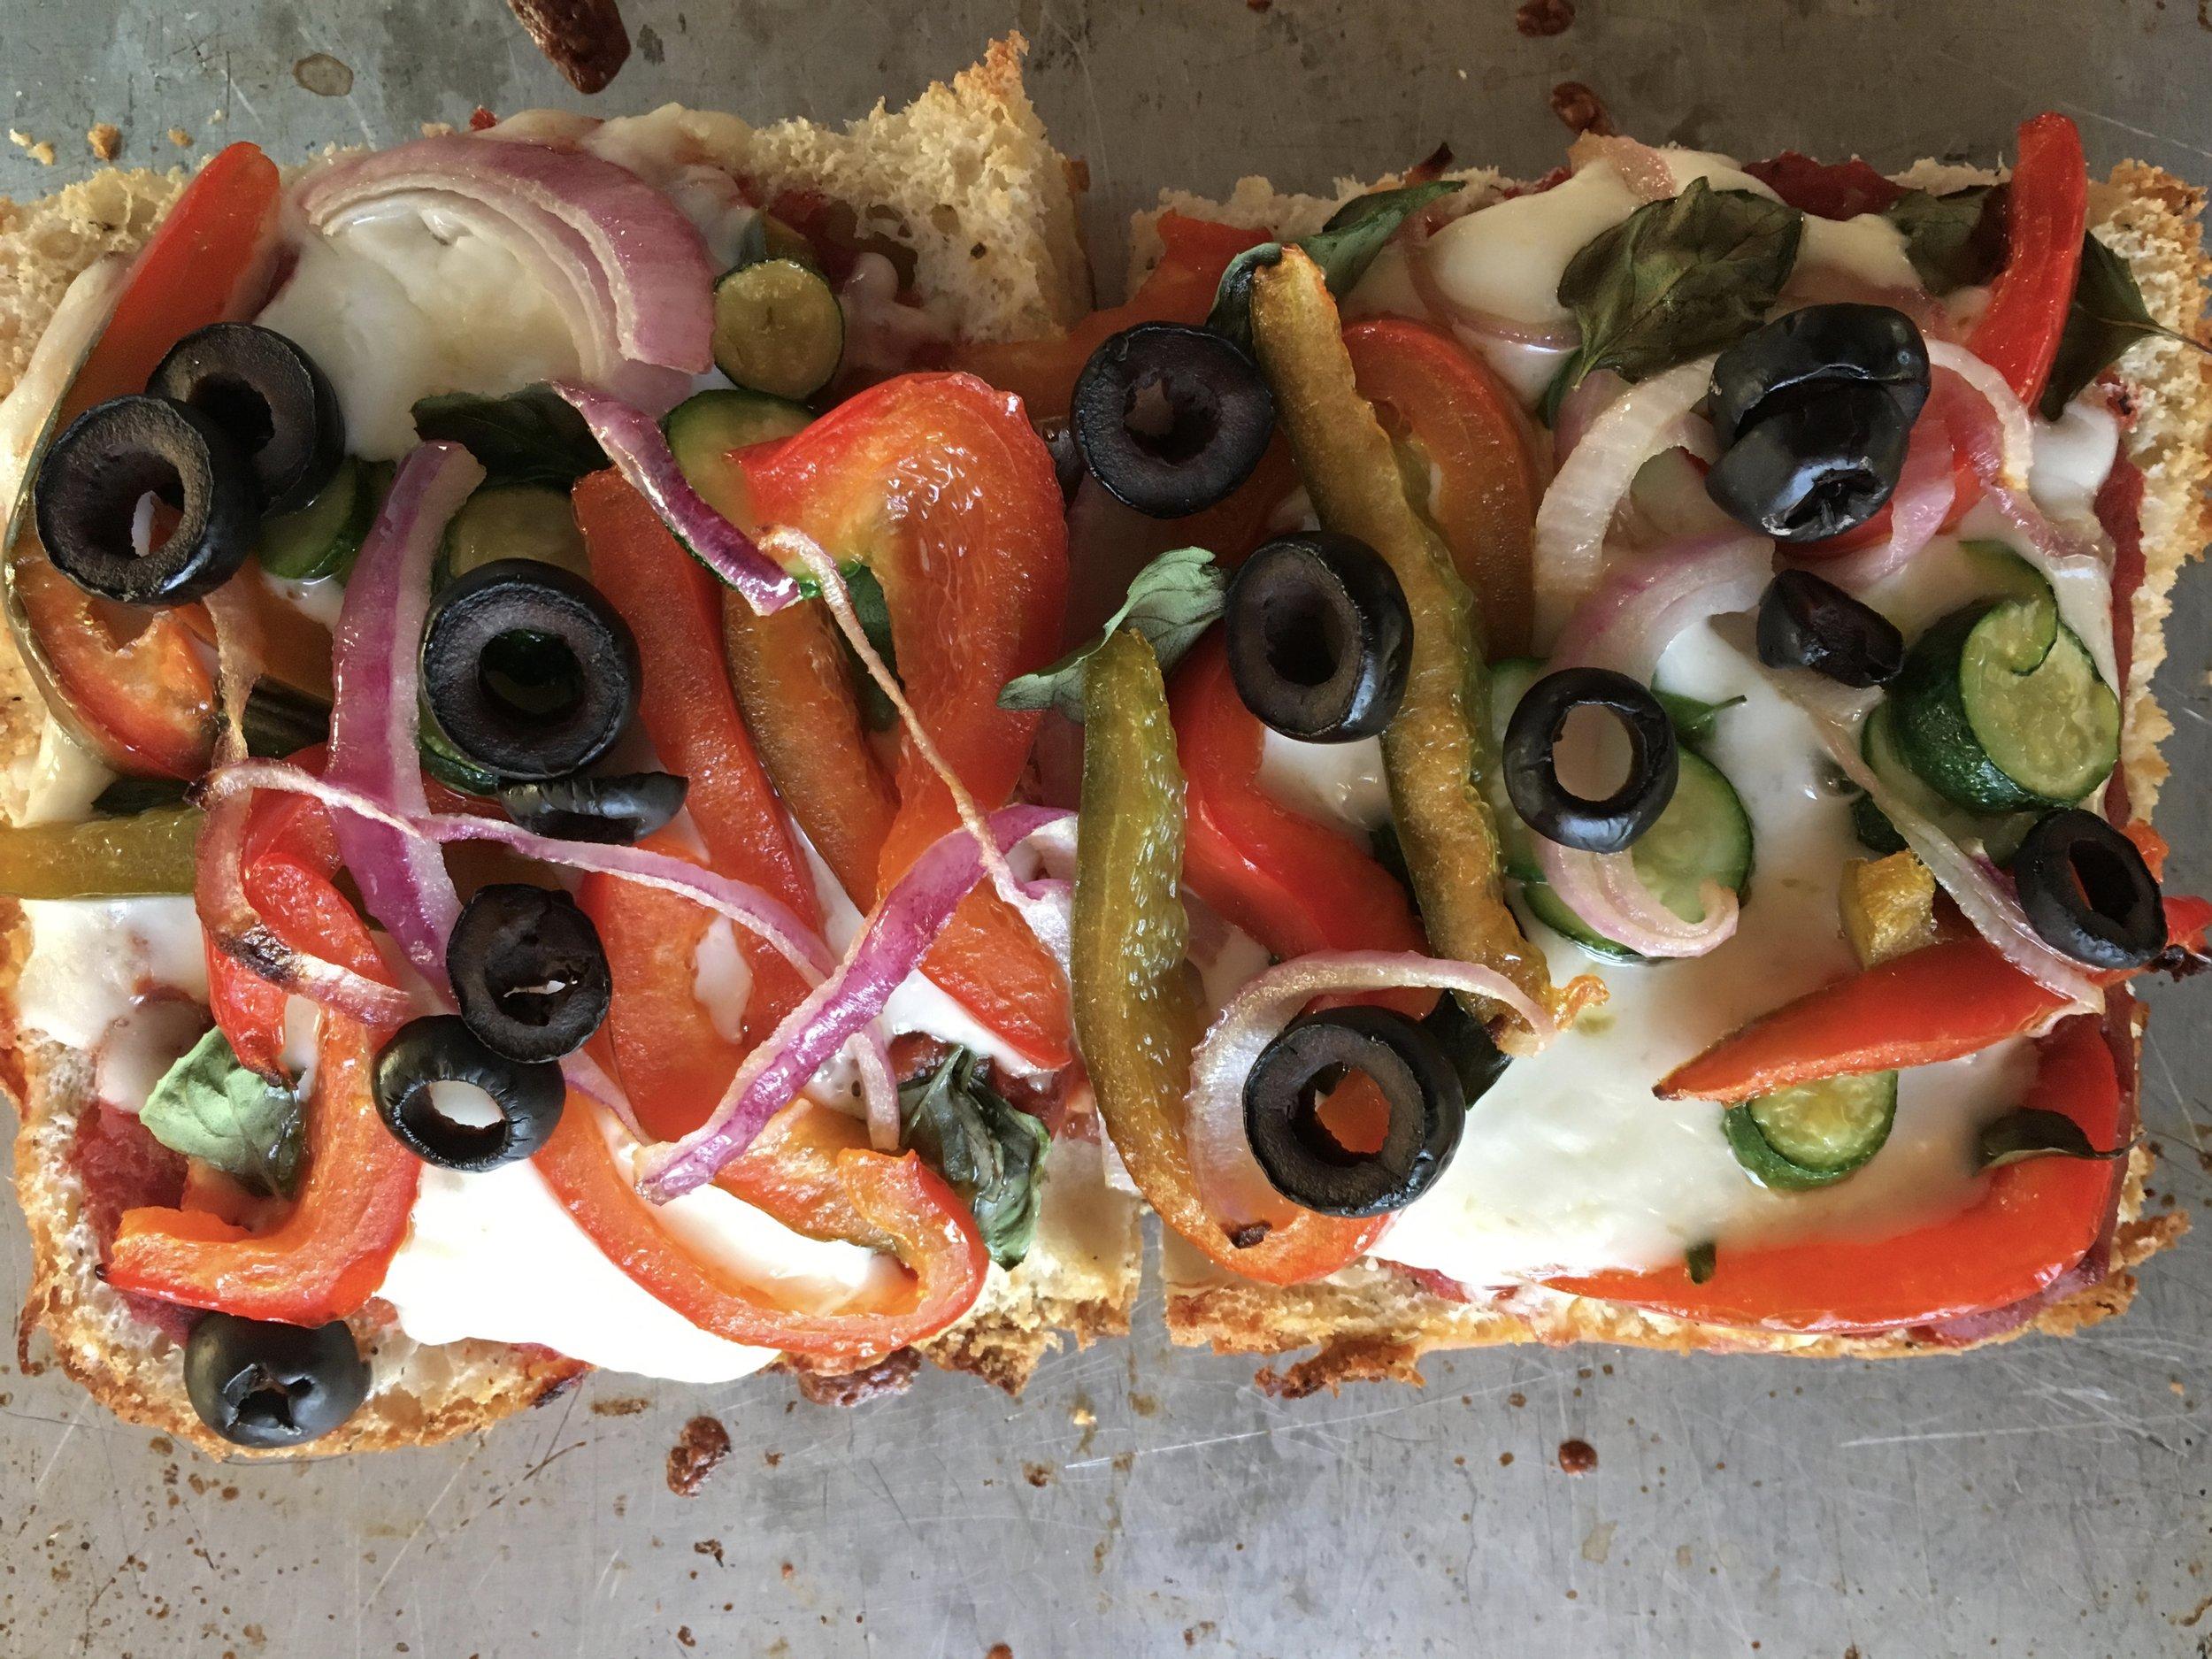 Garden veggies for a focaccia pizza.